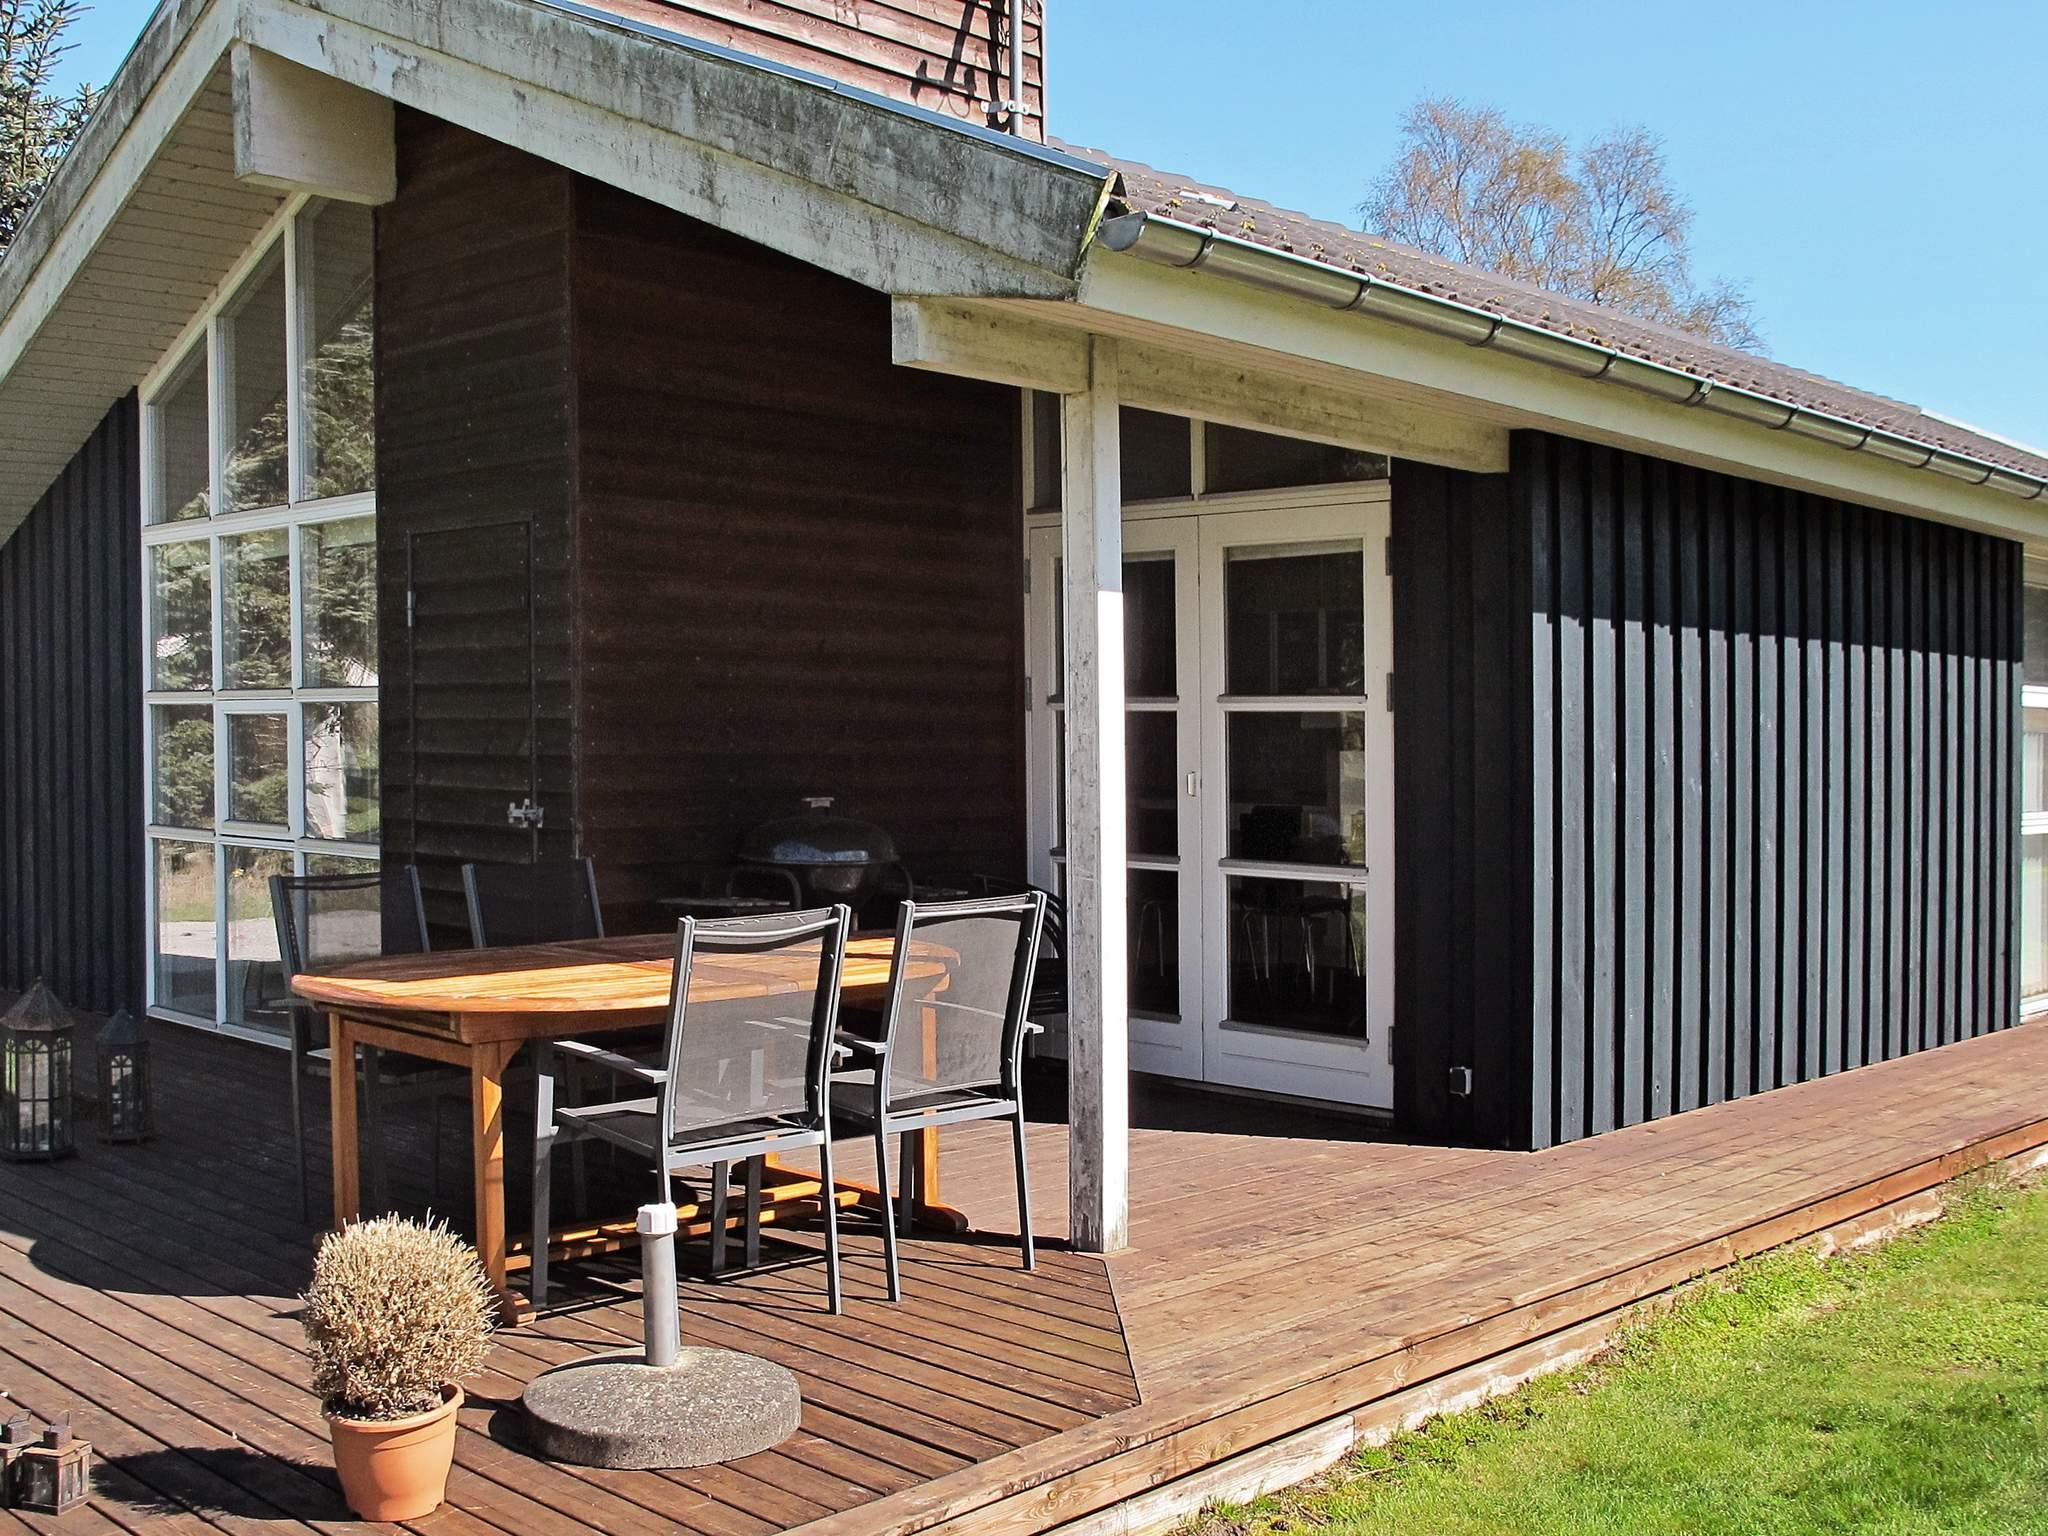 Ferienhaus Hou (371066), Hou, , Nordostjütland, Dänemark, Bild 13